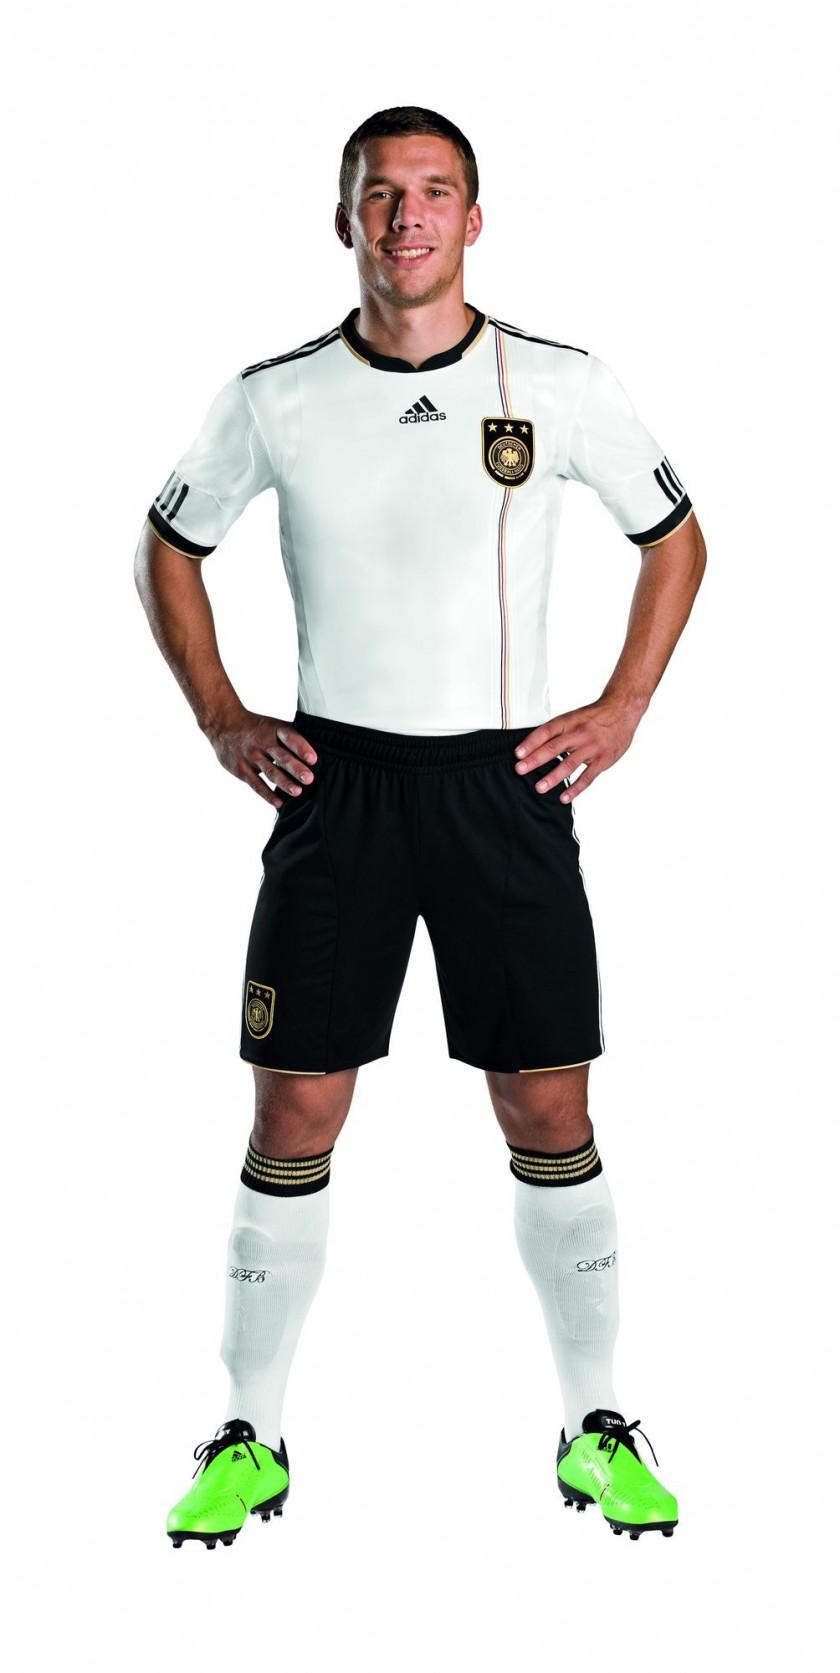 Lukas Podolski im neuen köperbetonten, mit adidas TECHFit PowerWEB Technologie ausgestattetem WM-Trikot für Südafrika 2010